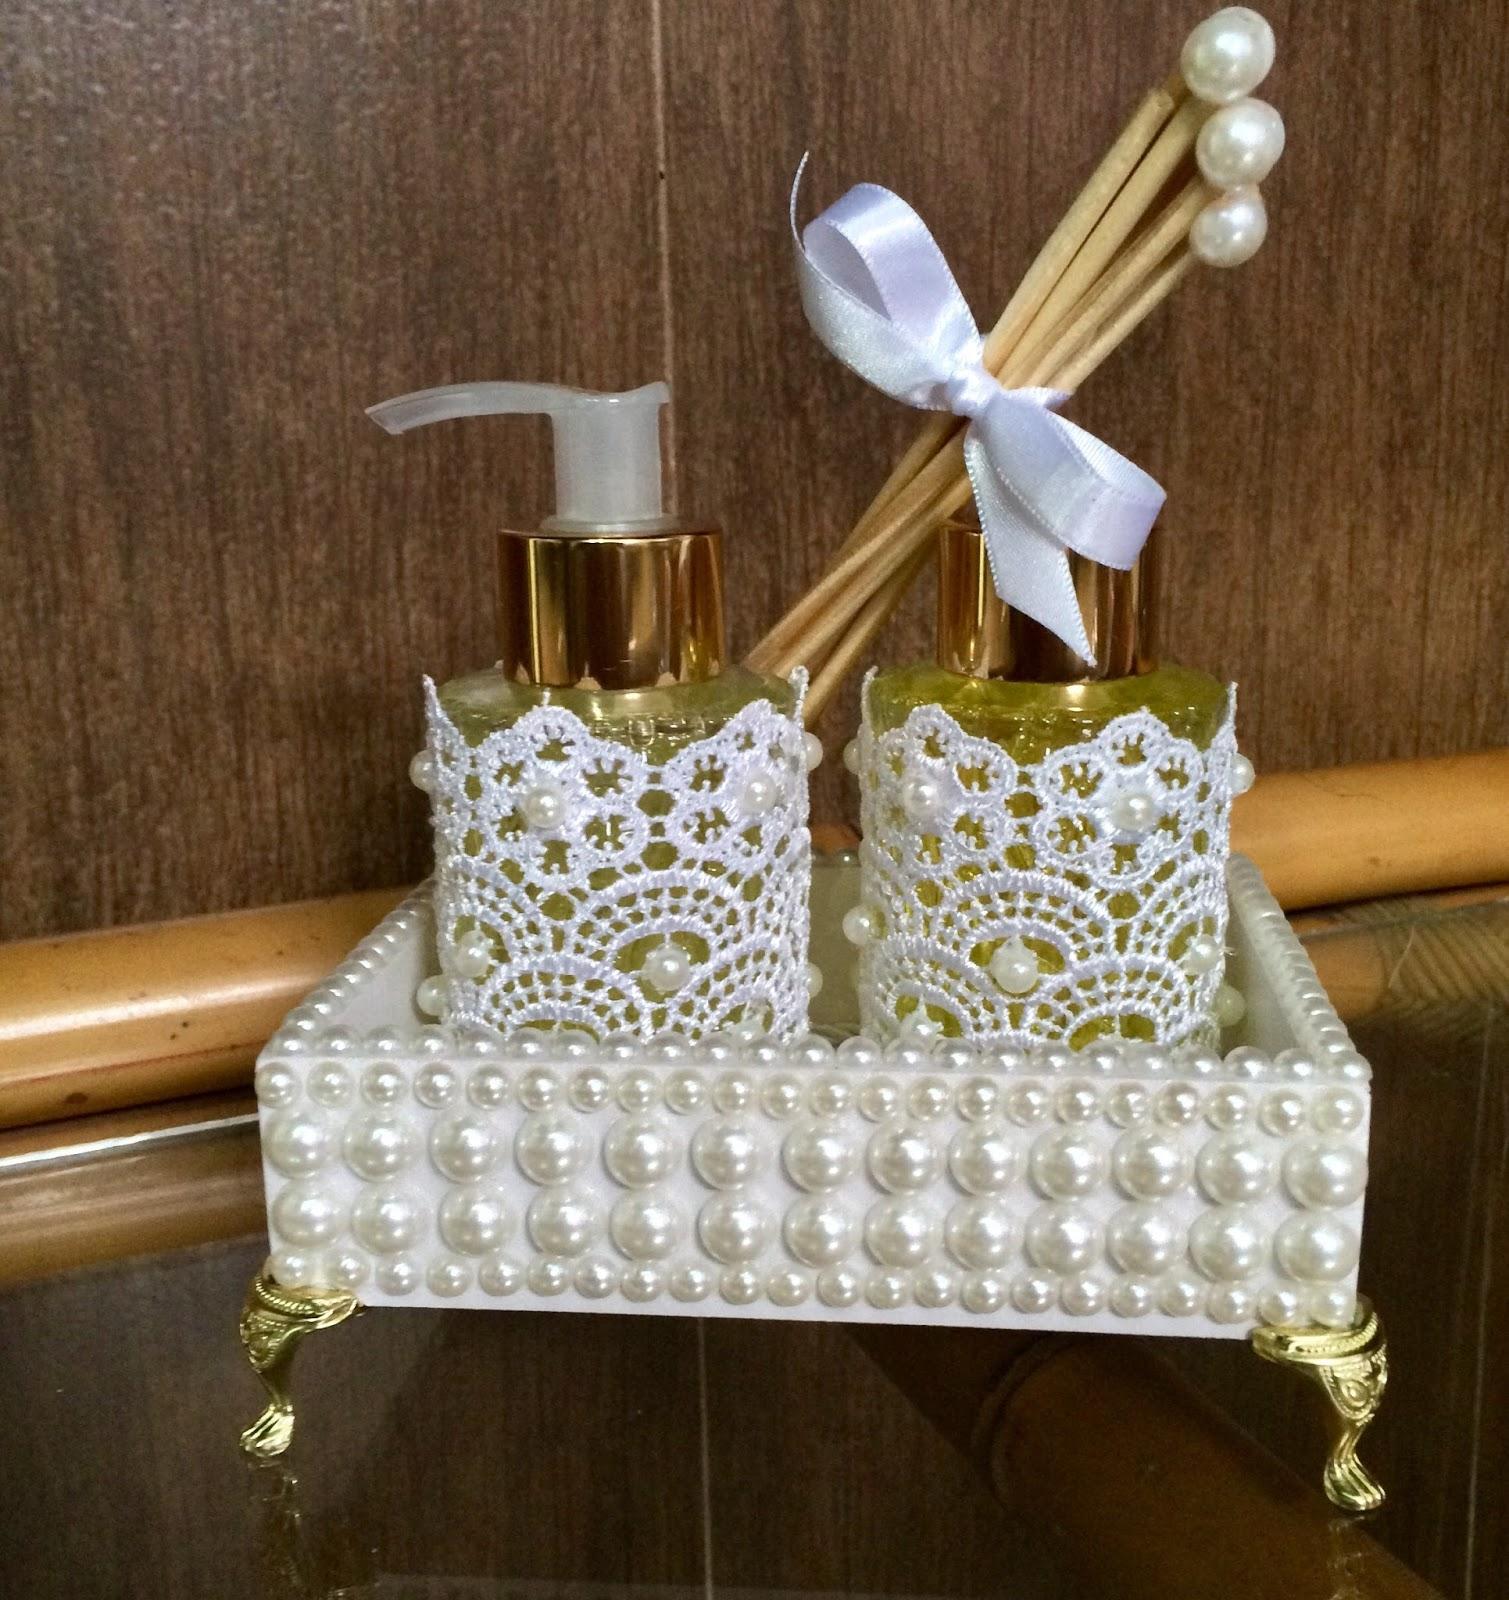 kits Super Luxo Aromatizador e Sabonete Liquido com Bandeja Decorado  #3B2813 1509x1600 Acessorios Para Banheiro De Luxo